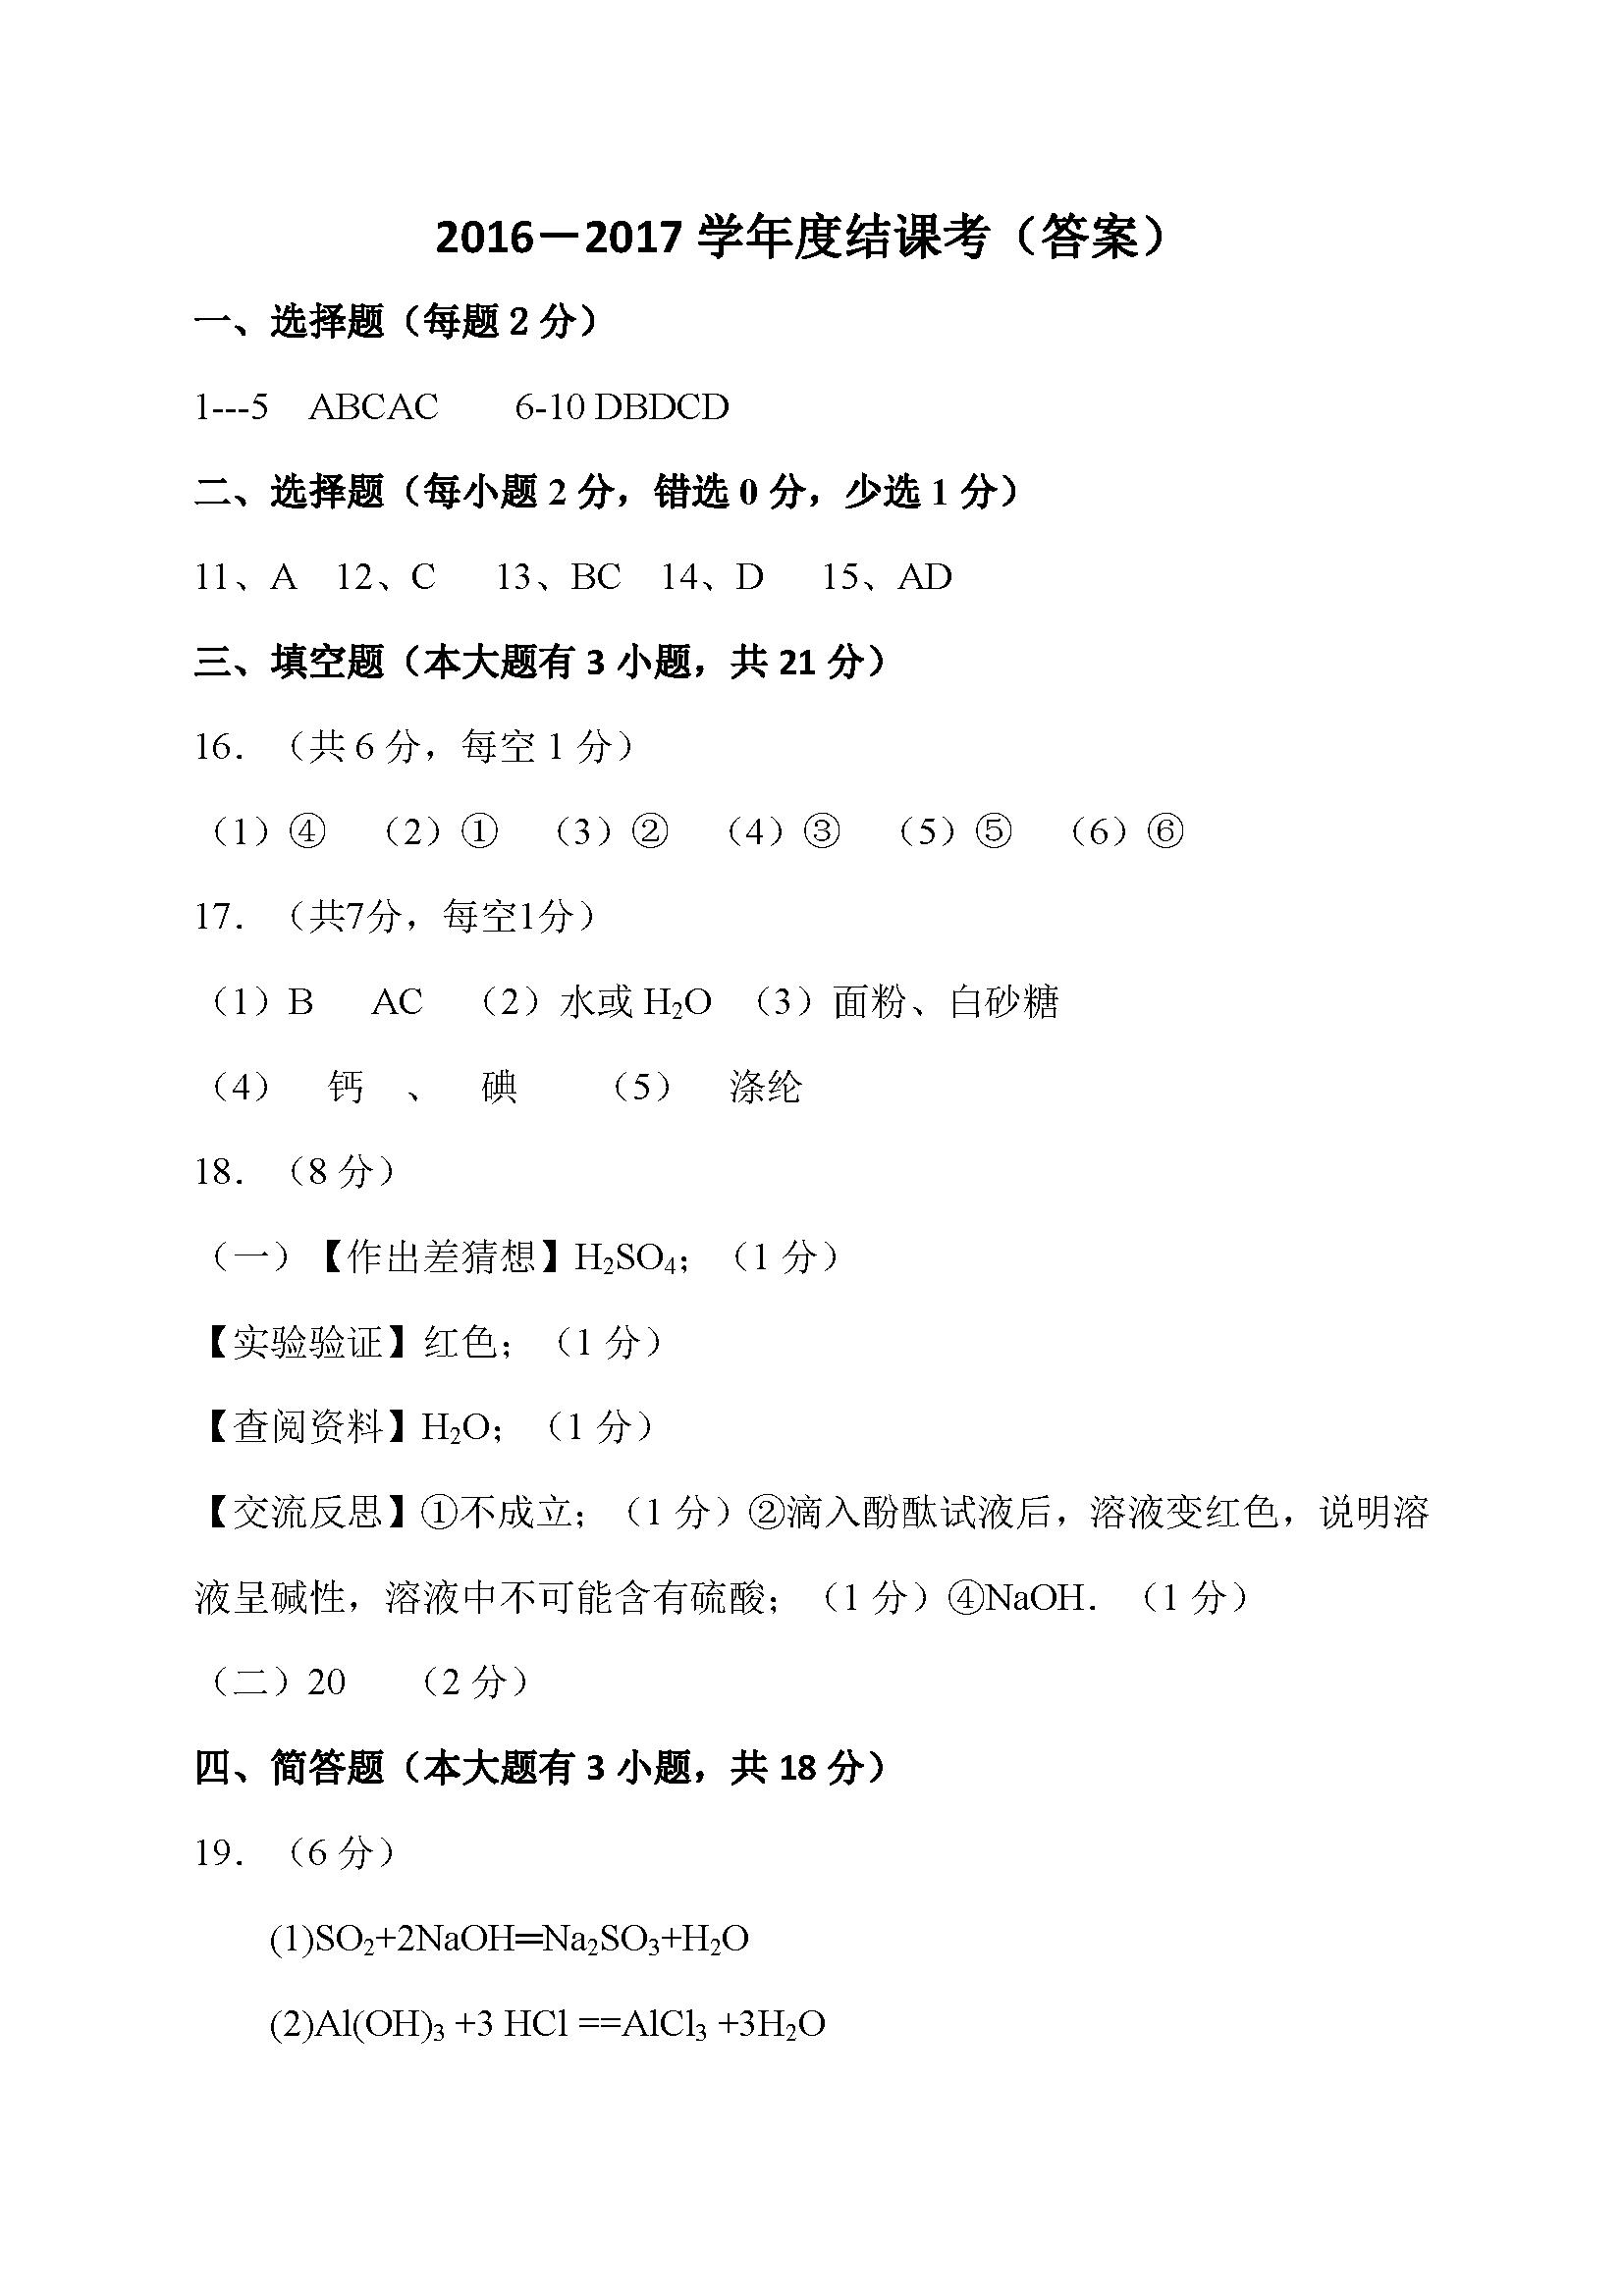 天津红桥2017九年级结课考质量检测化学试题答案(Word版)